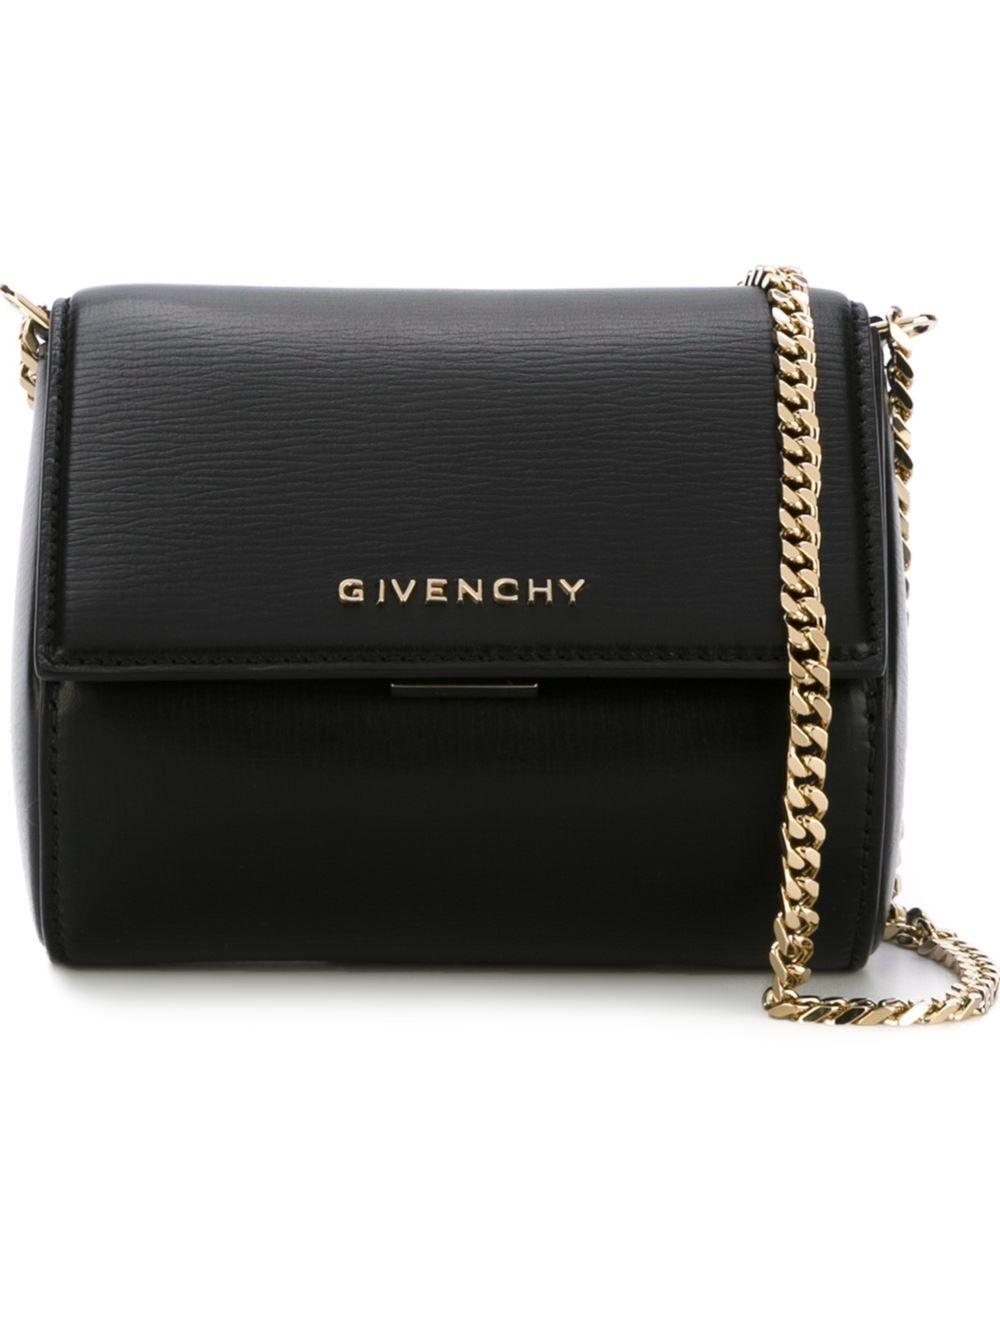 Givenchy Bolsa tiracolo modelo 'Pandora Box'